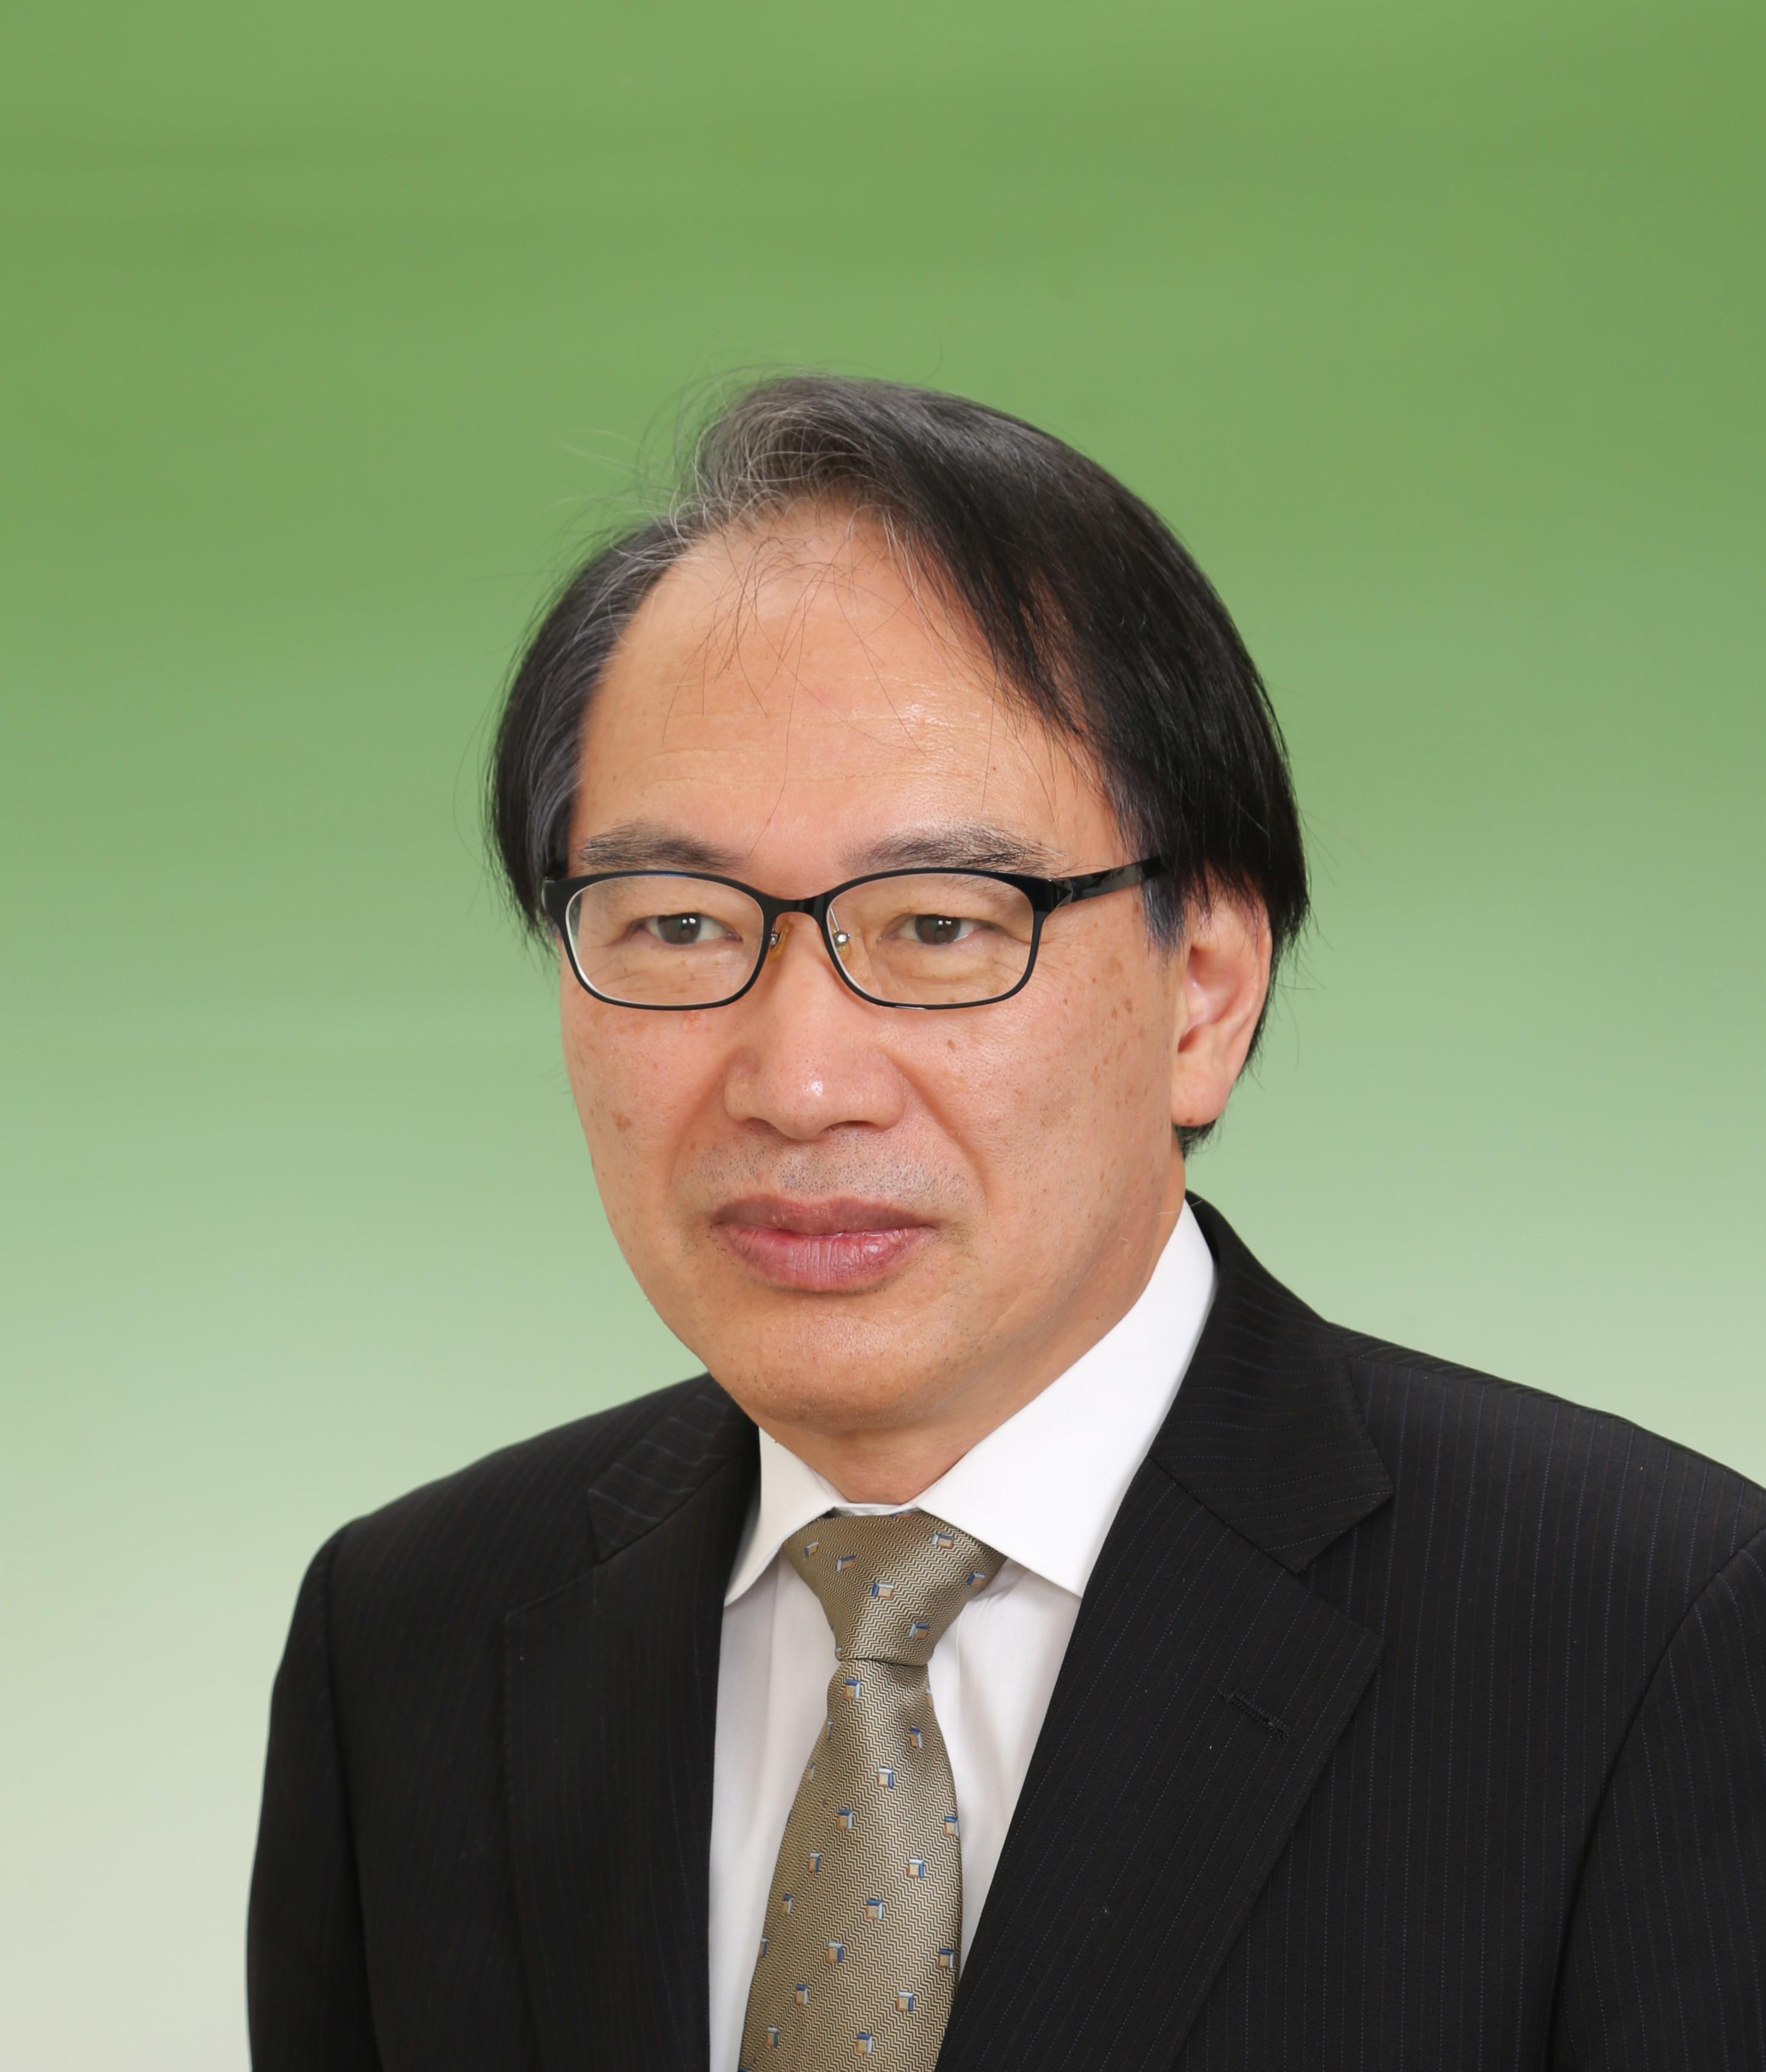 President's photo